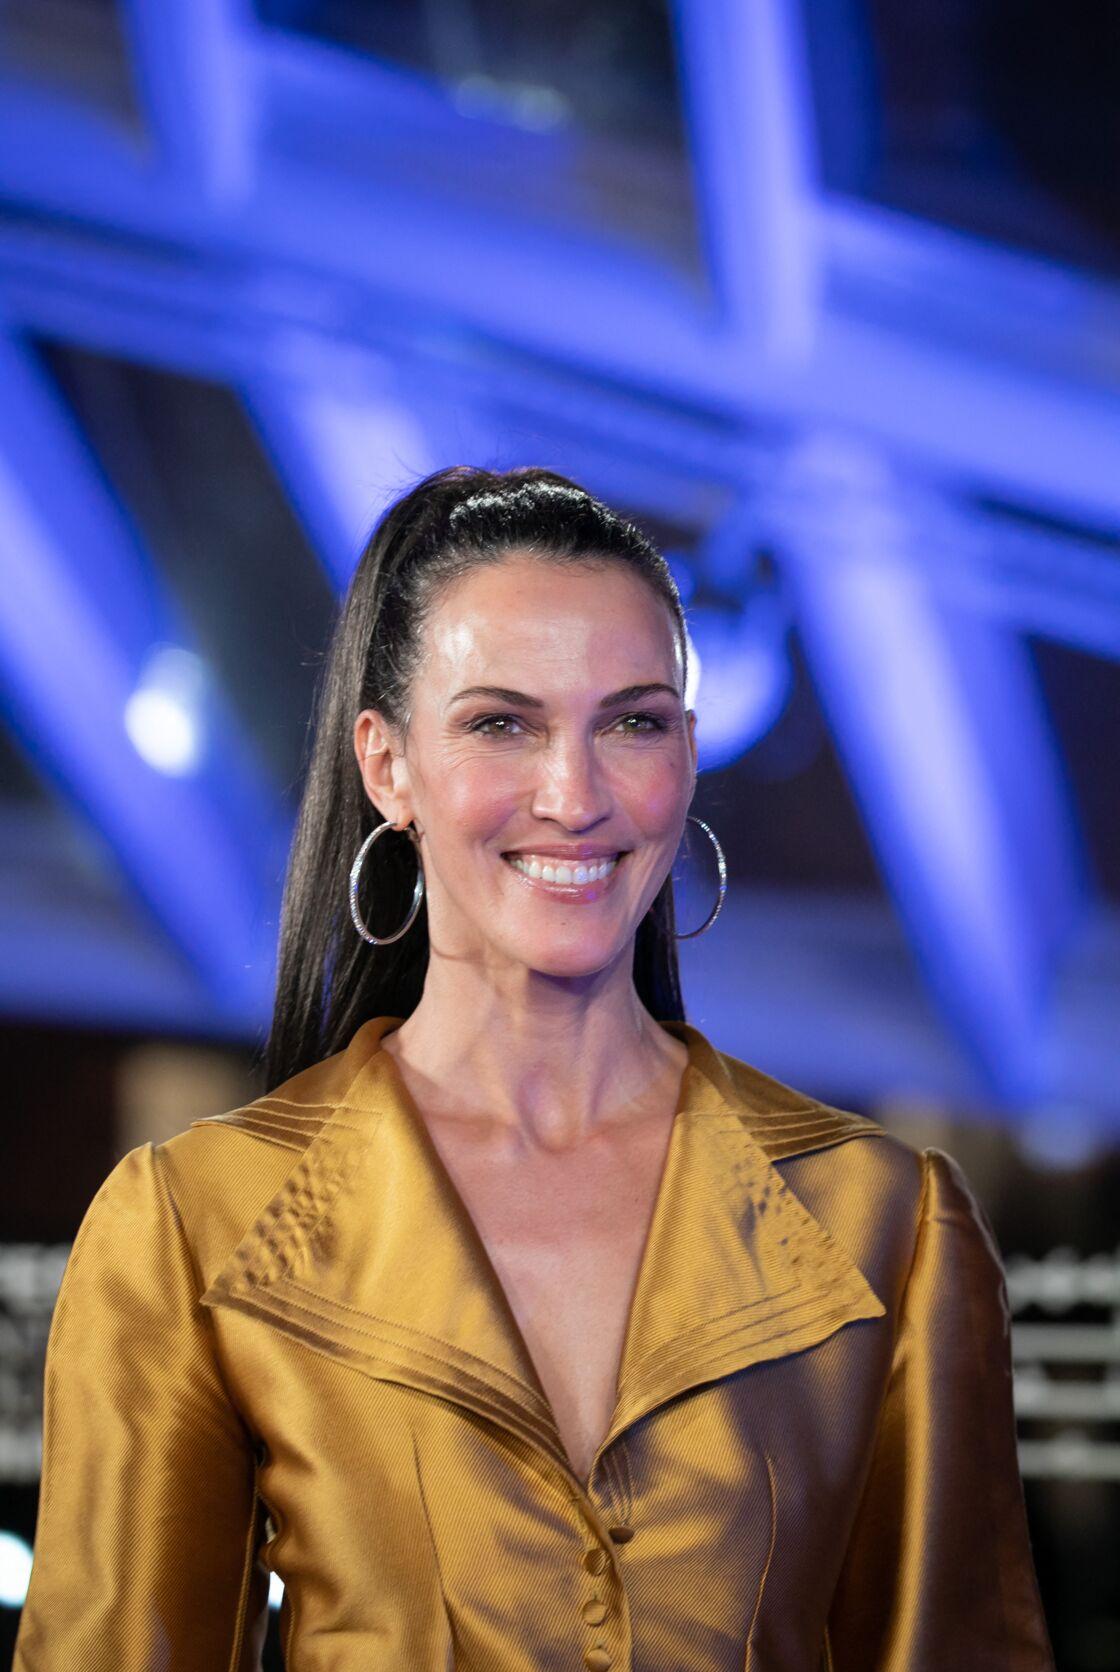 Linda Hardy (Miss France 1992) au photocall de la cérémonie d'ouverture de la 18ème édition du Festival International du Film de Marrakech (FIFM), le 29 novembre 2019.